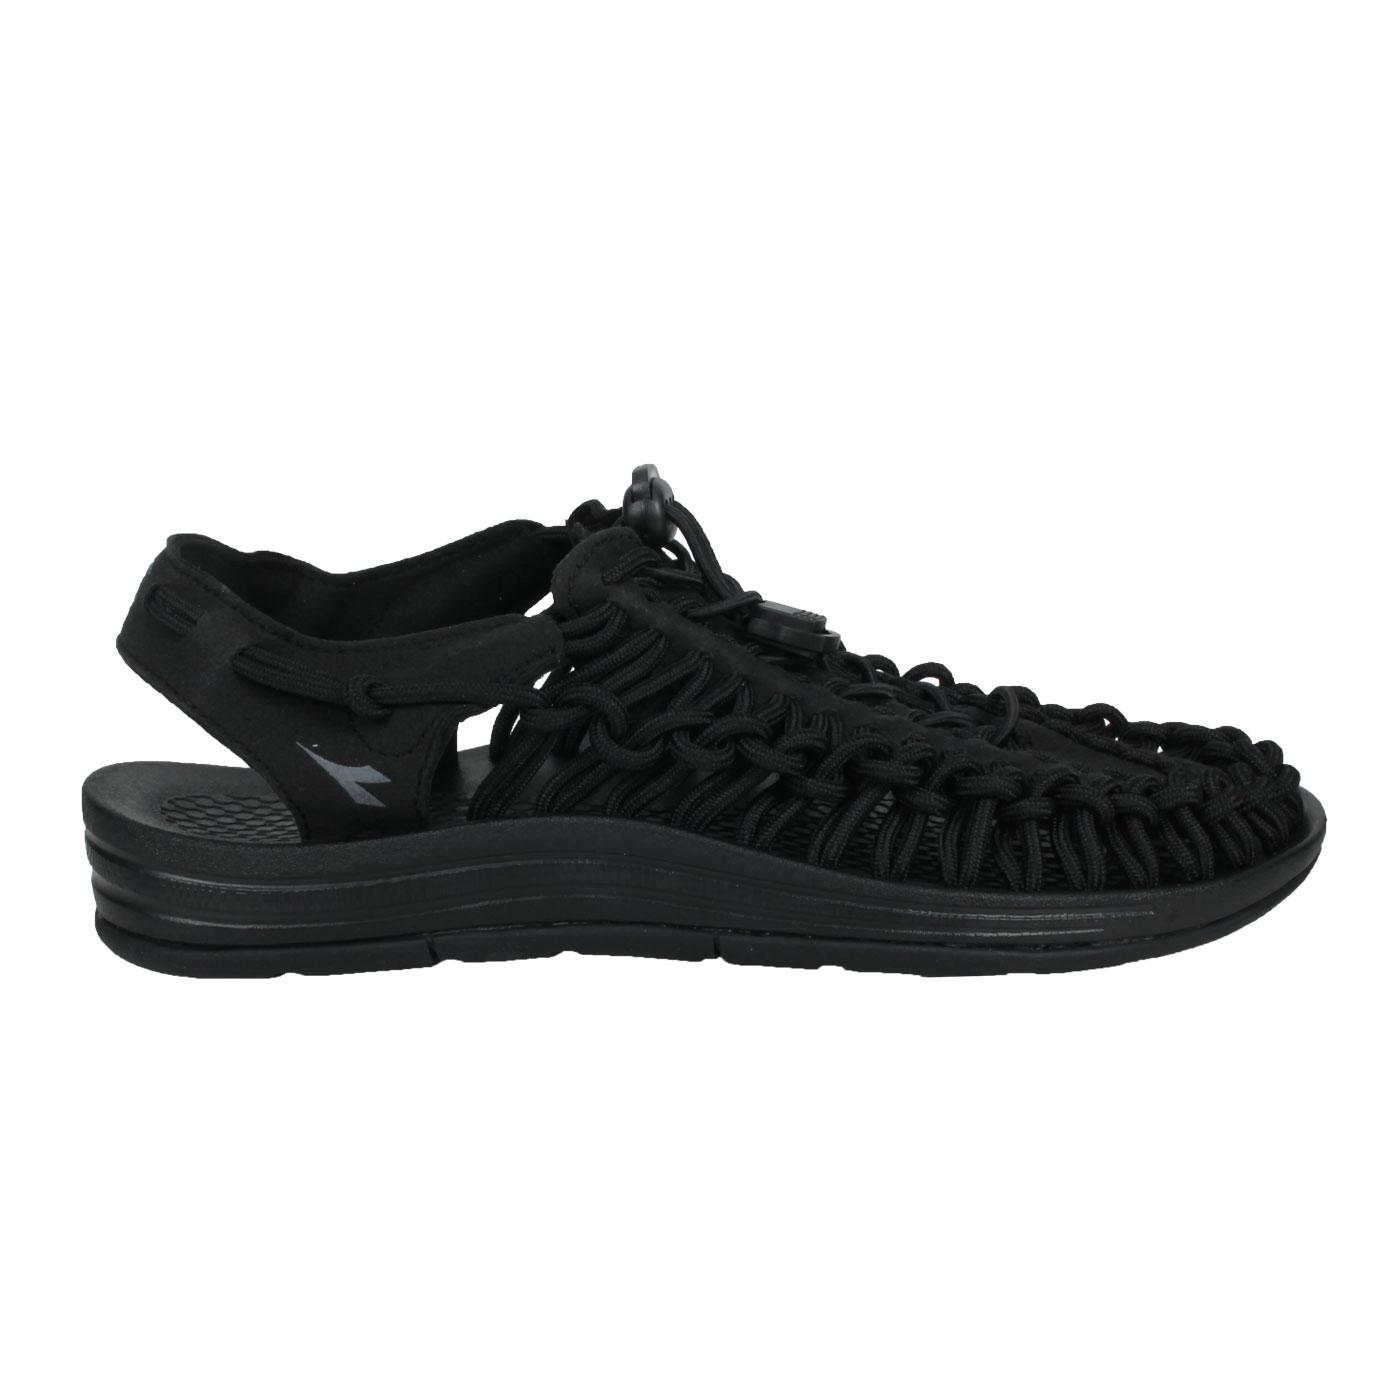 DIADORA 女款編織涼鞋 DA31662 - 黑銀